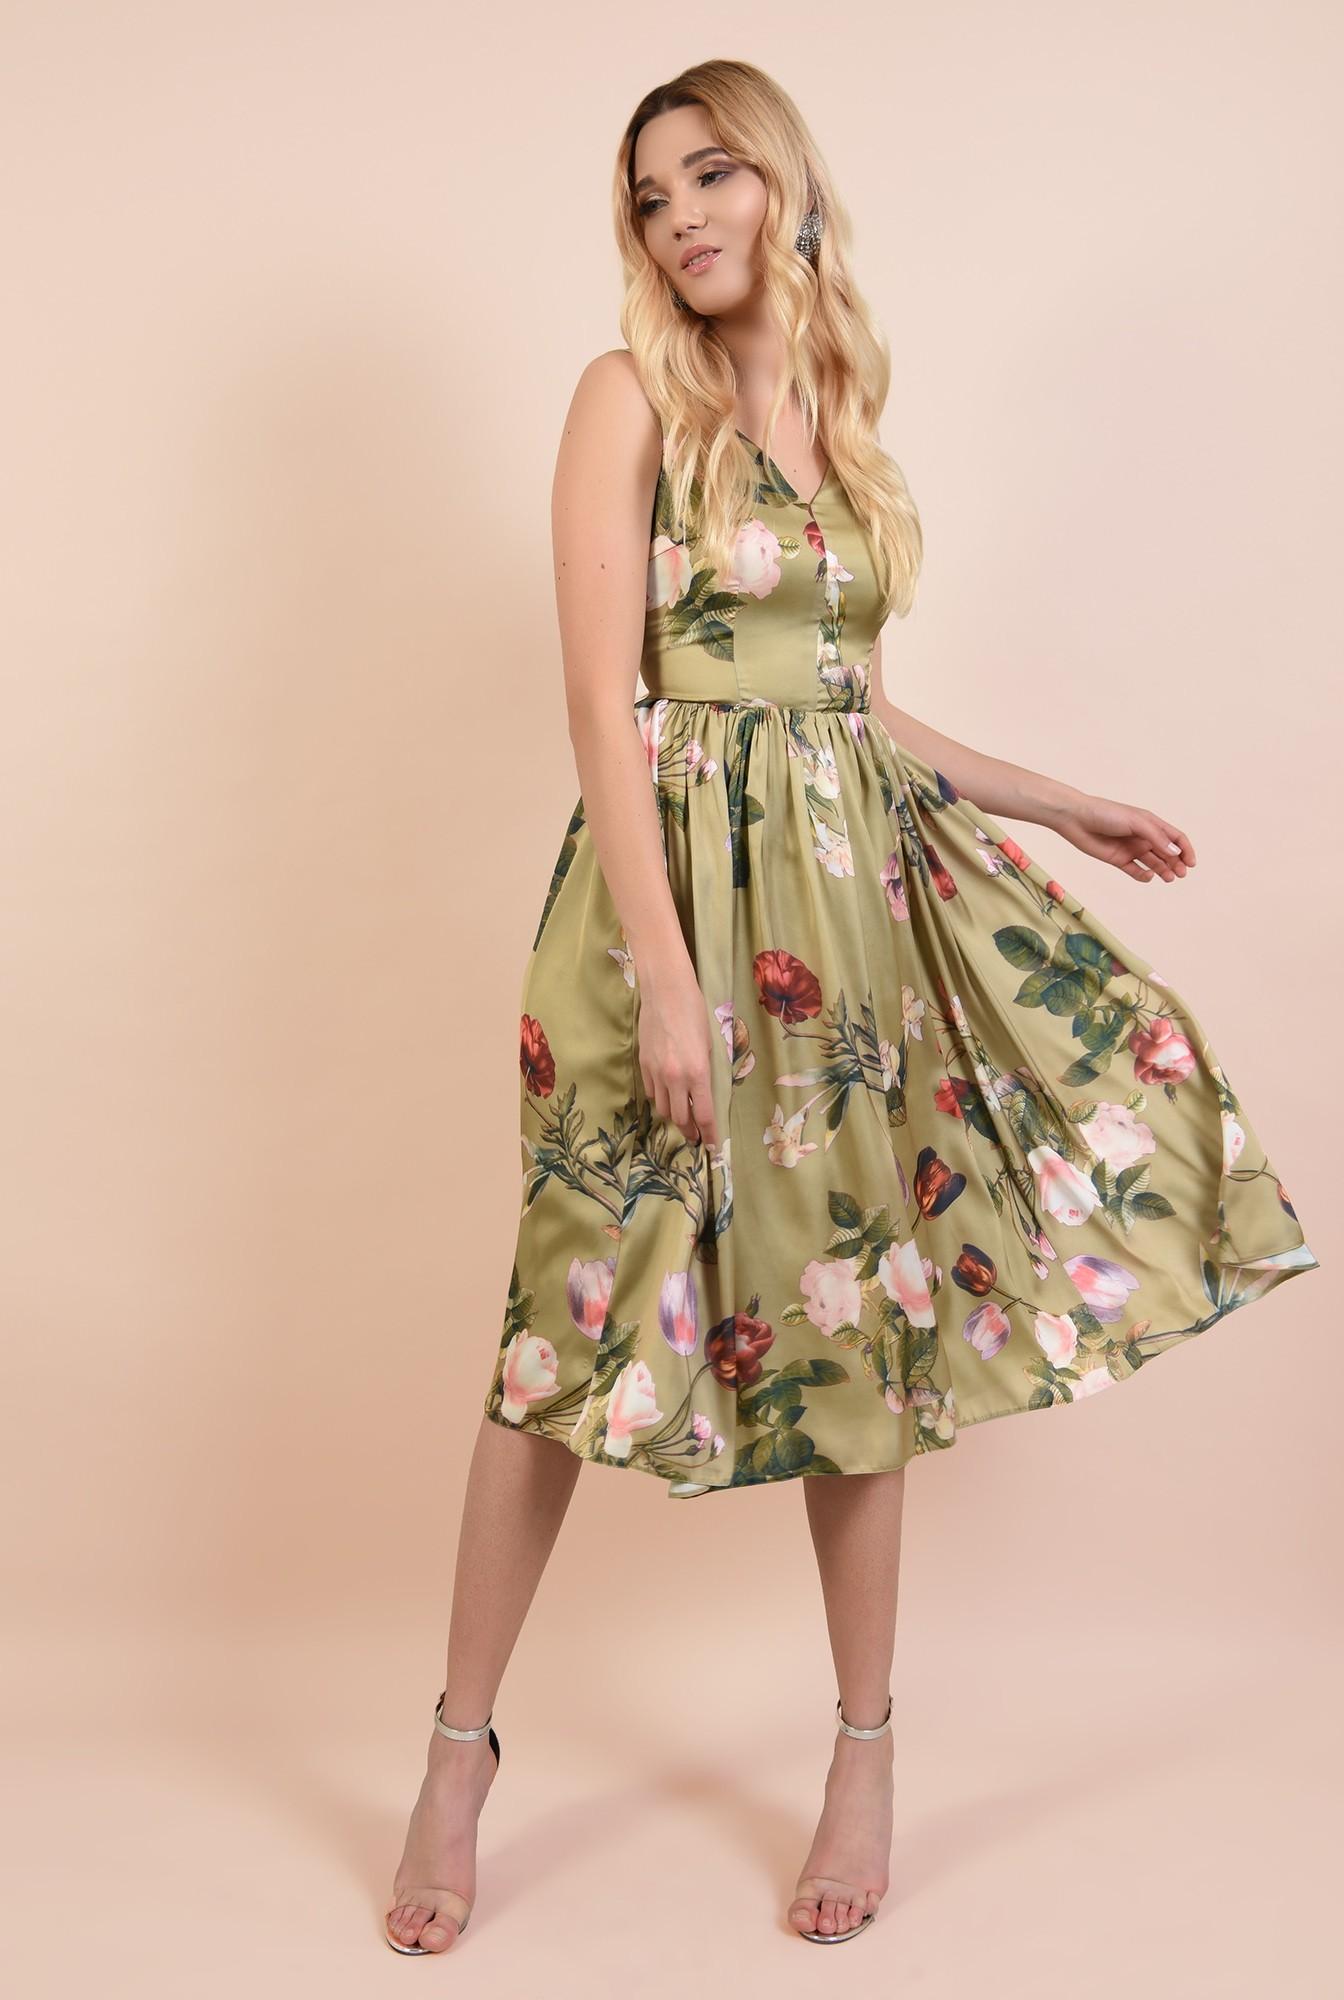 3 - 360 - rochie eleganta, midi, cu imprimeu floral, anchior fata si spate, Poema